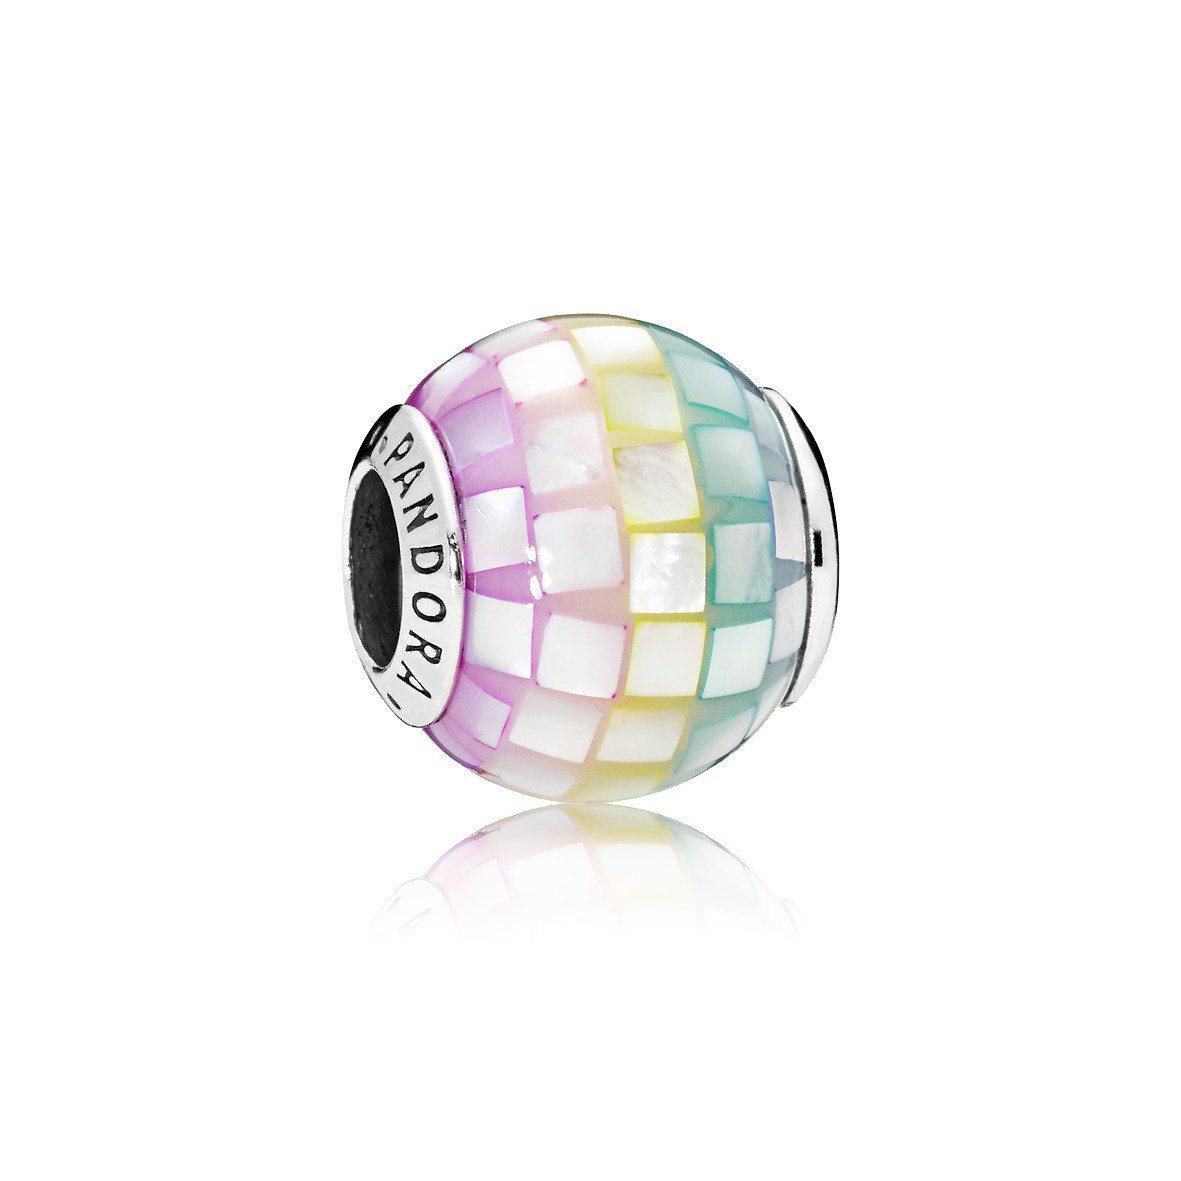 PANDORA 幻彩馬賽克珍珠母貝925 銀串飾,2,580元。圖/PANDOR...